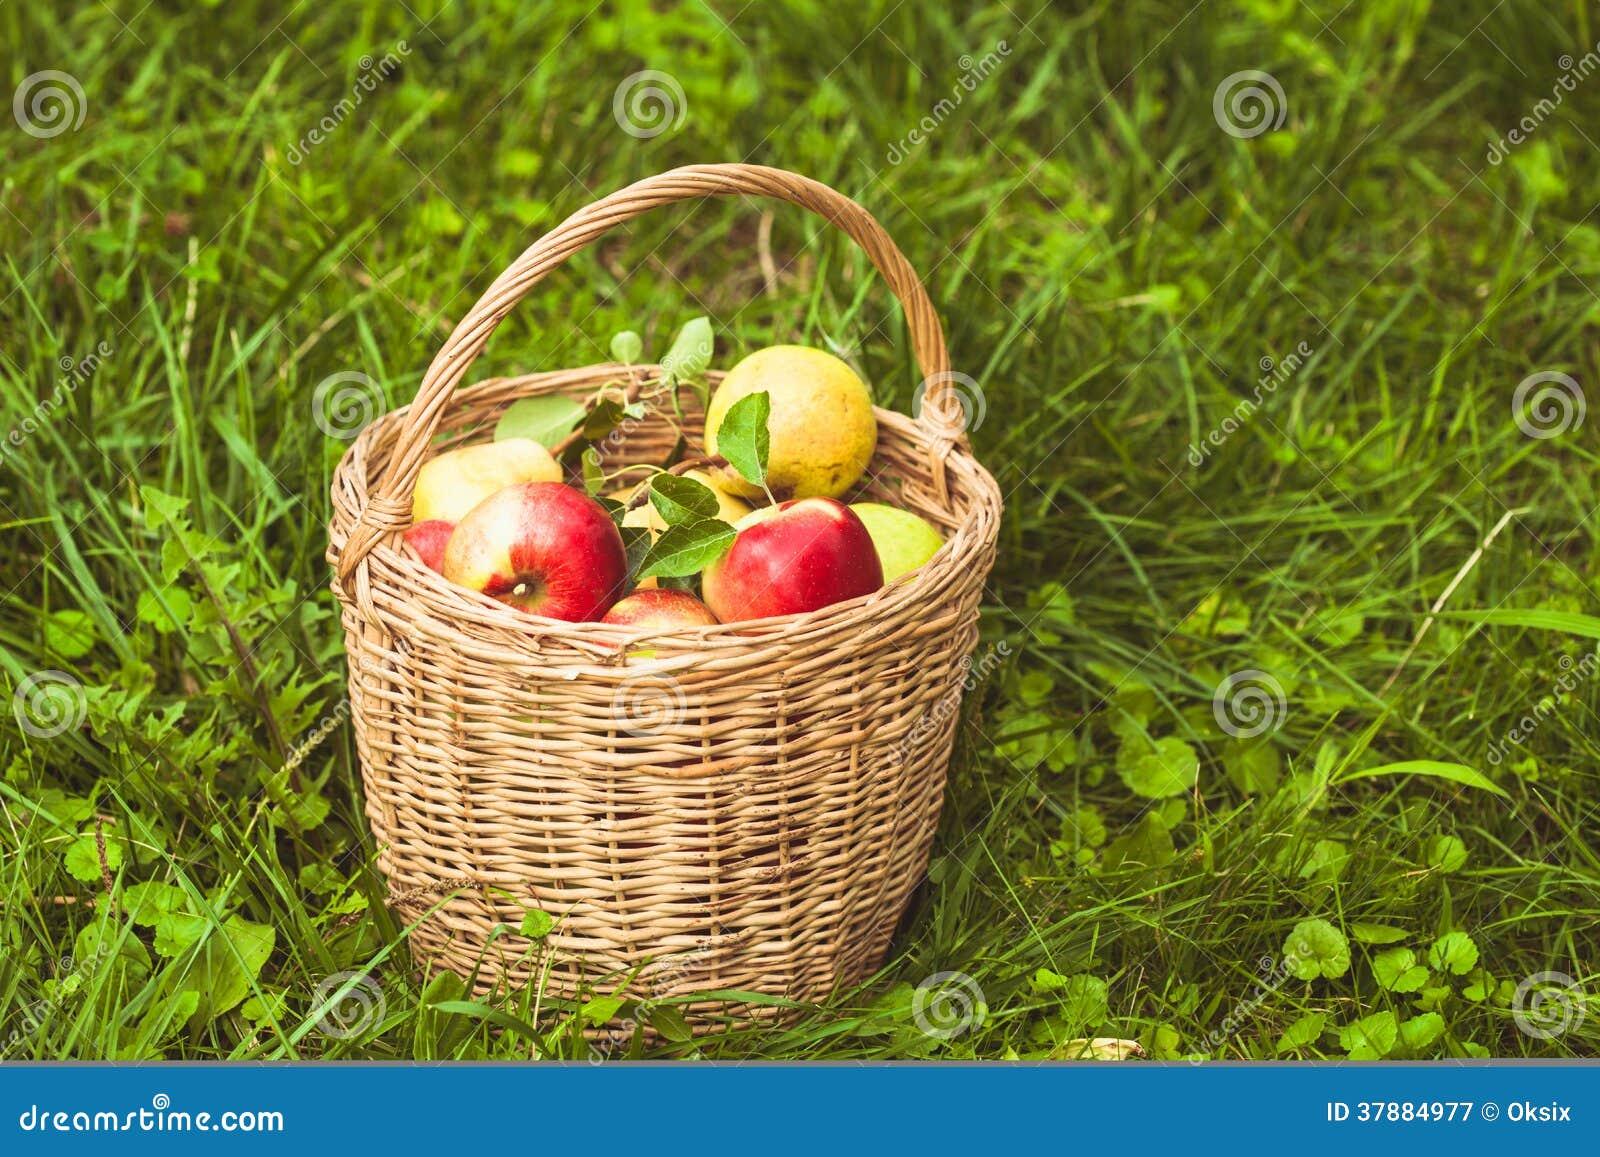 Appelen en peren op het gras